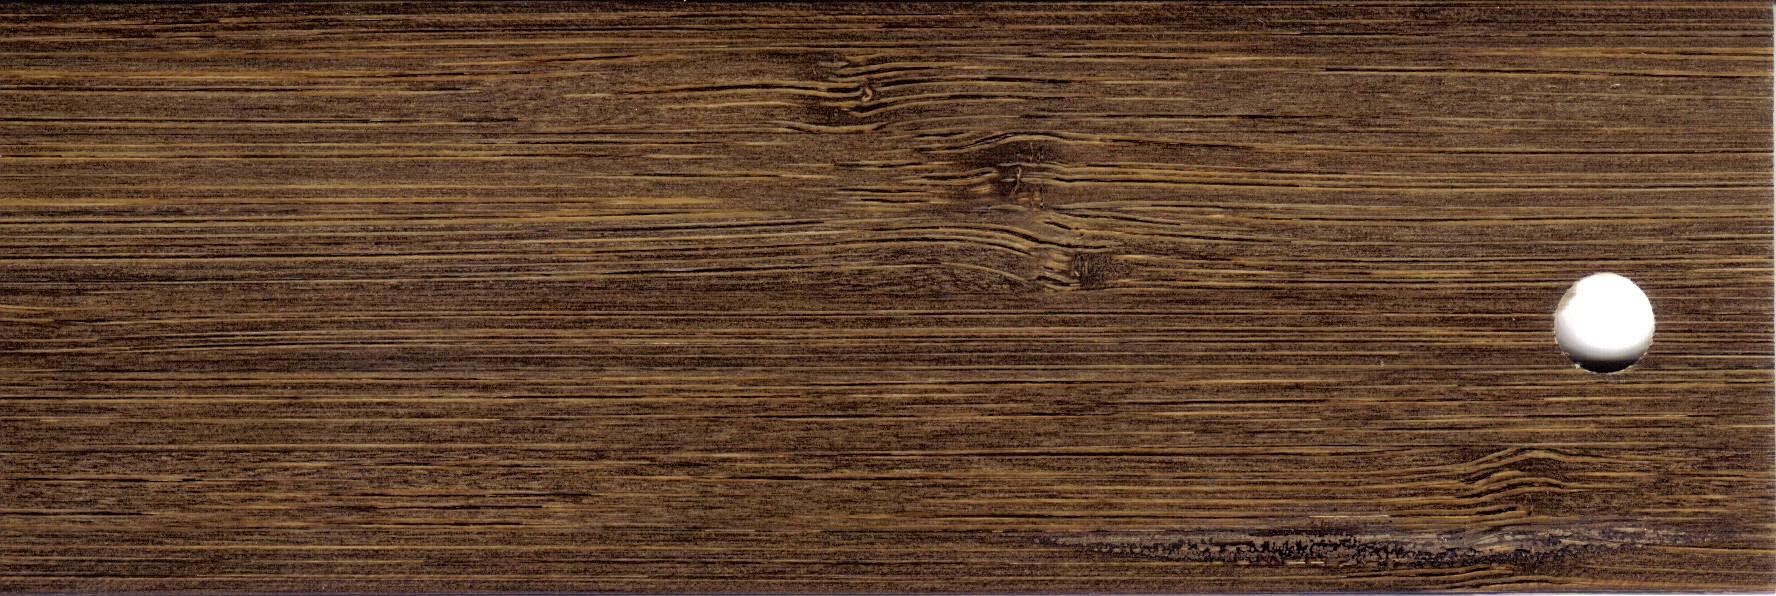 kardamon ŻALUZJE DREWNIANE (żaluzje bambusowe)